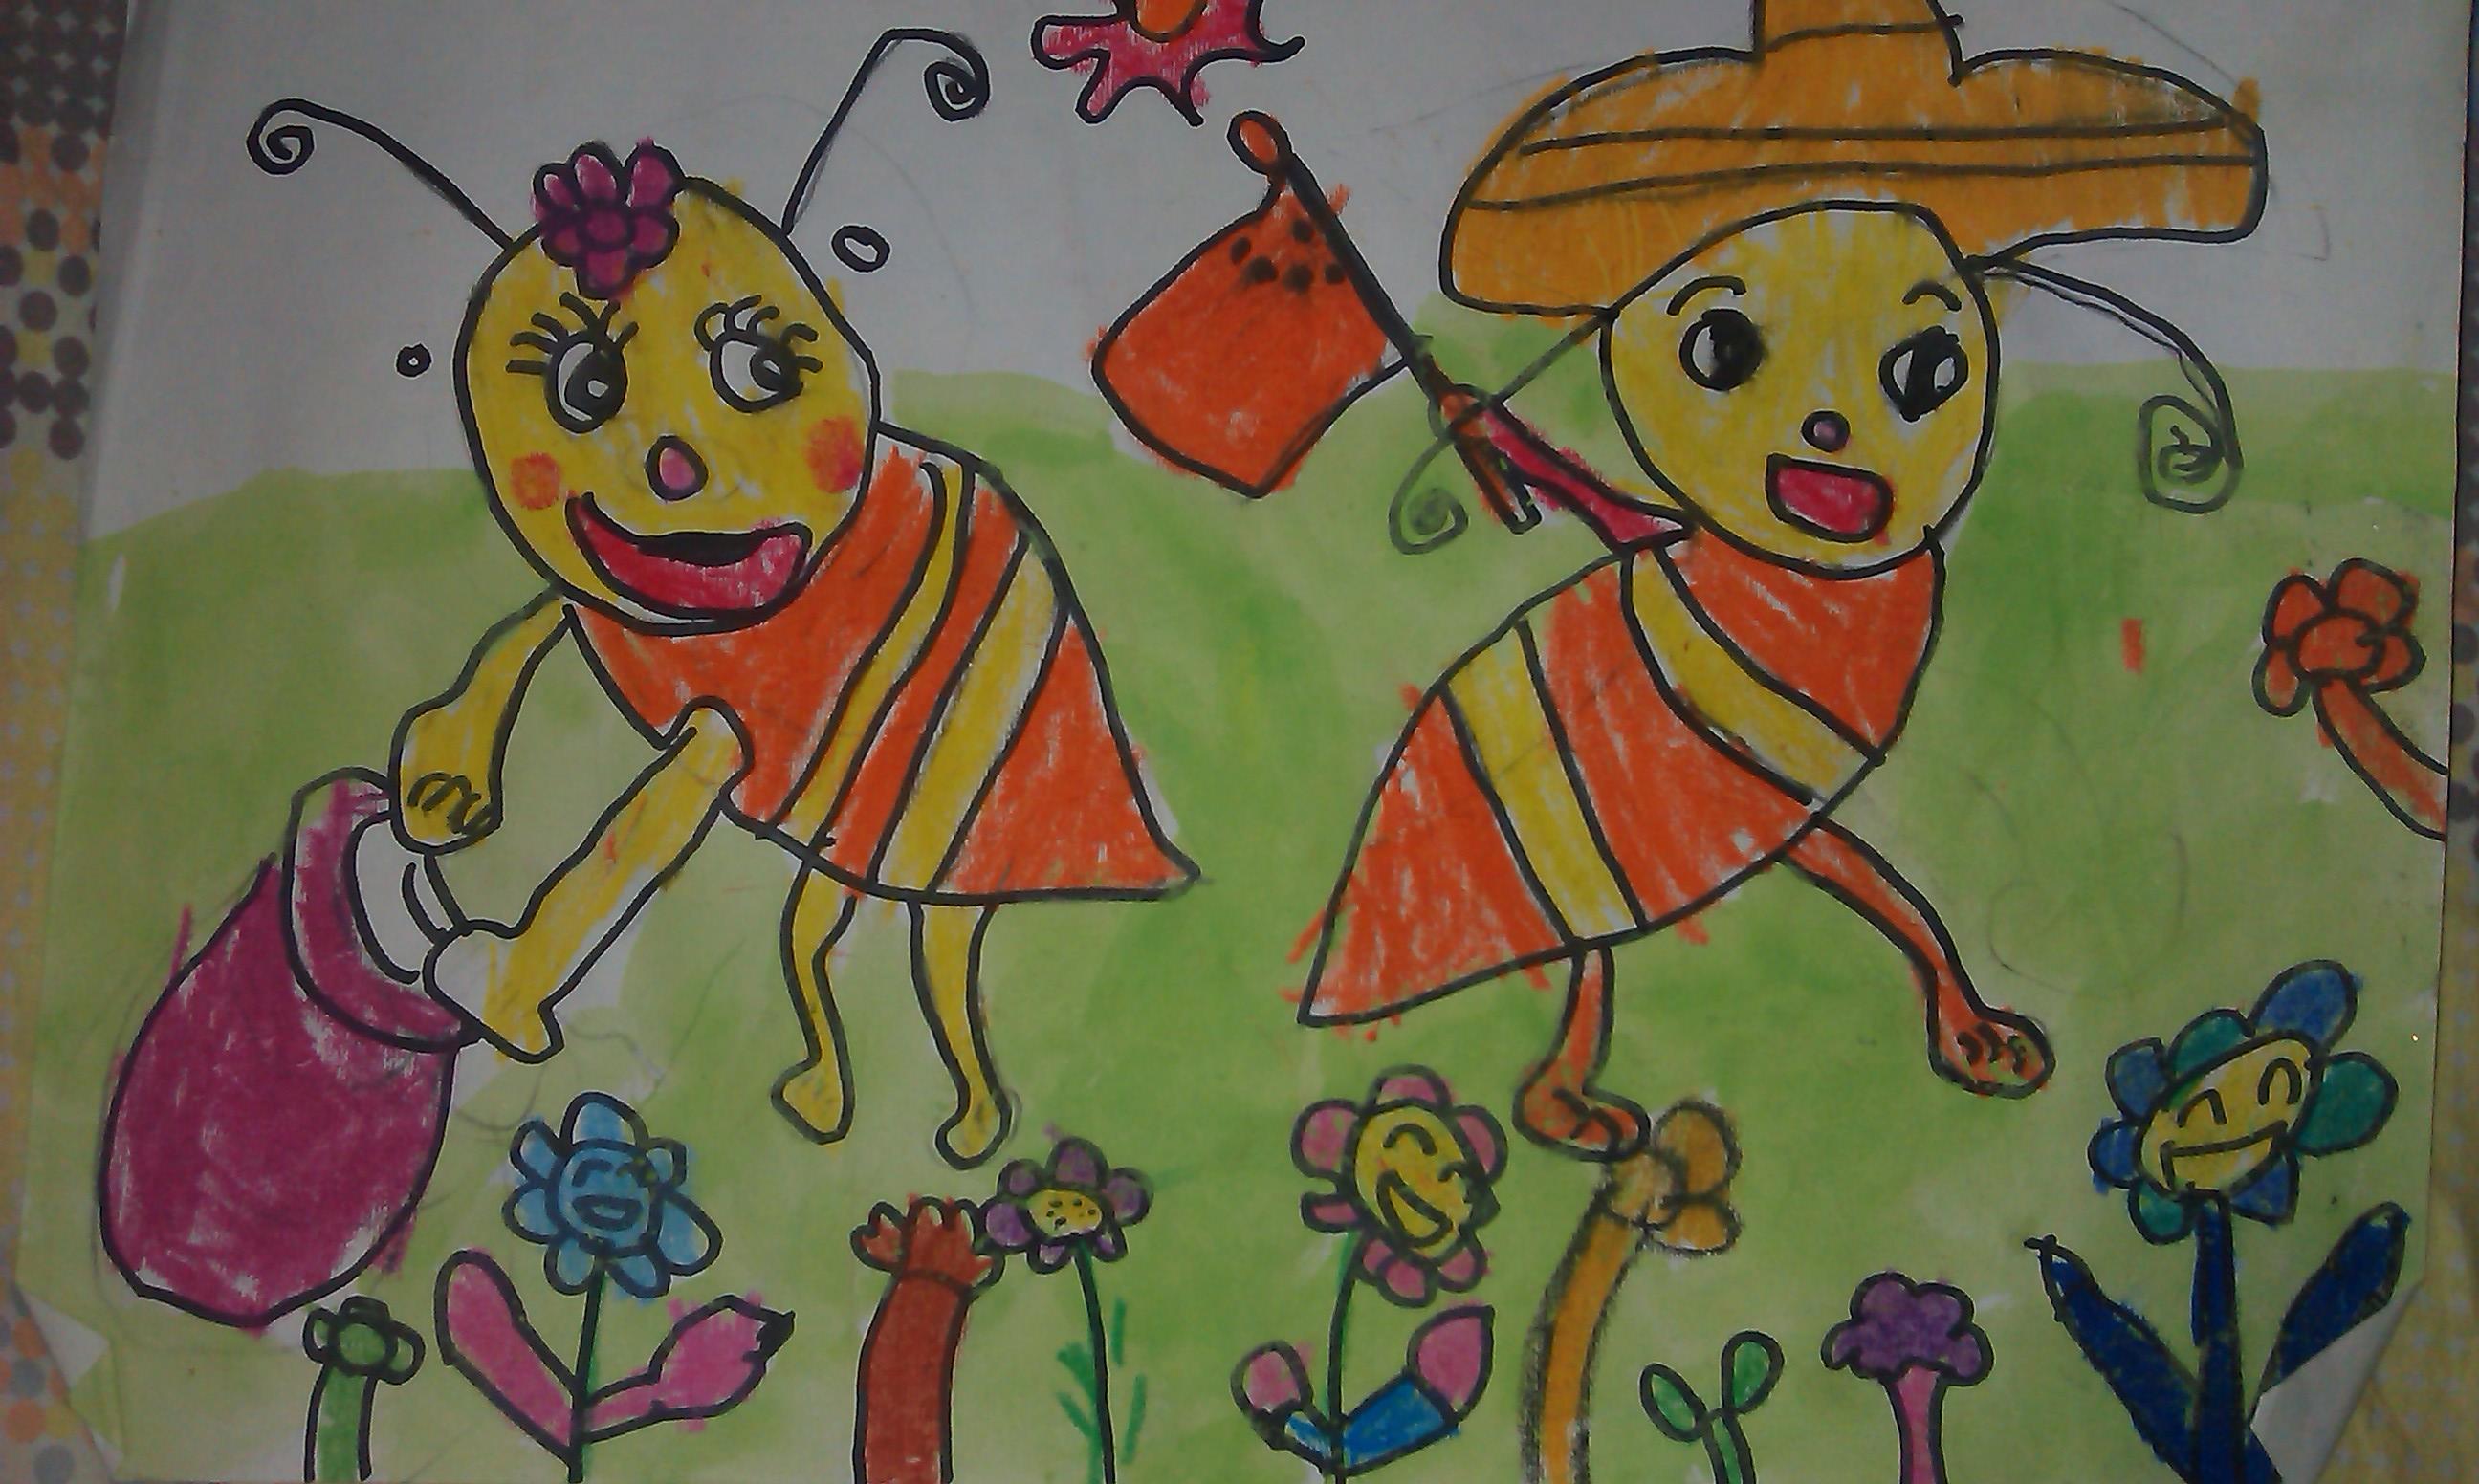 蚂蚁-蜡笔画图集2